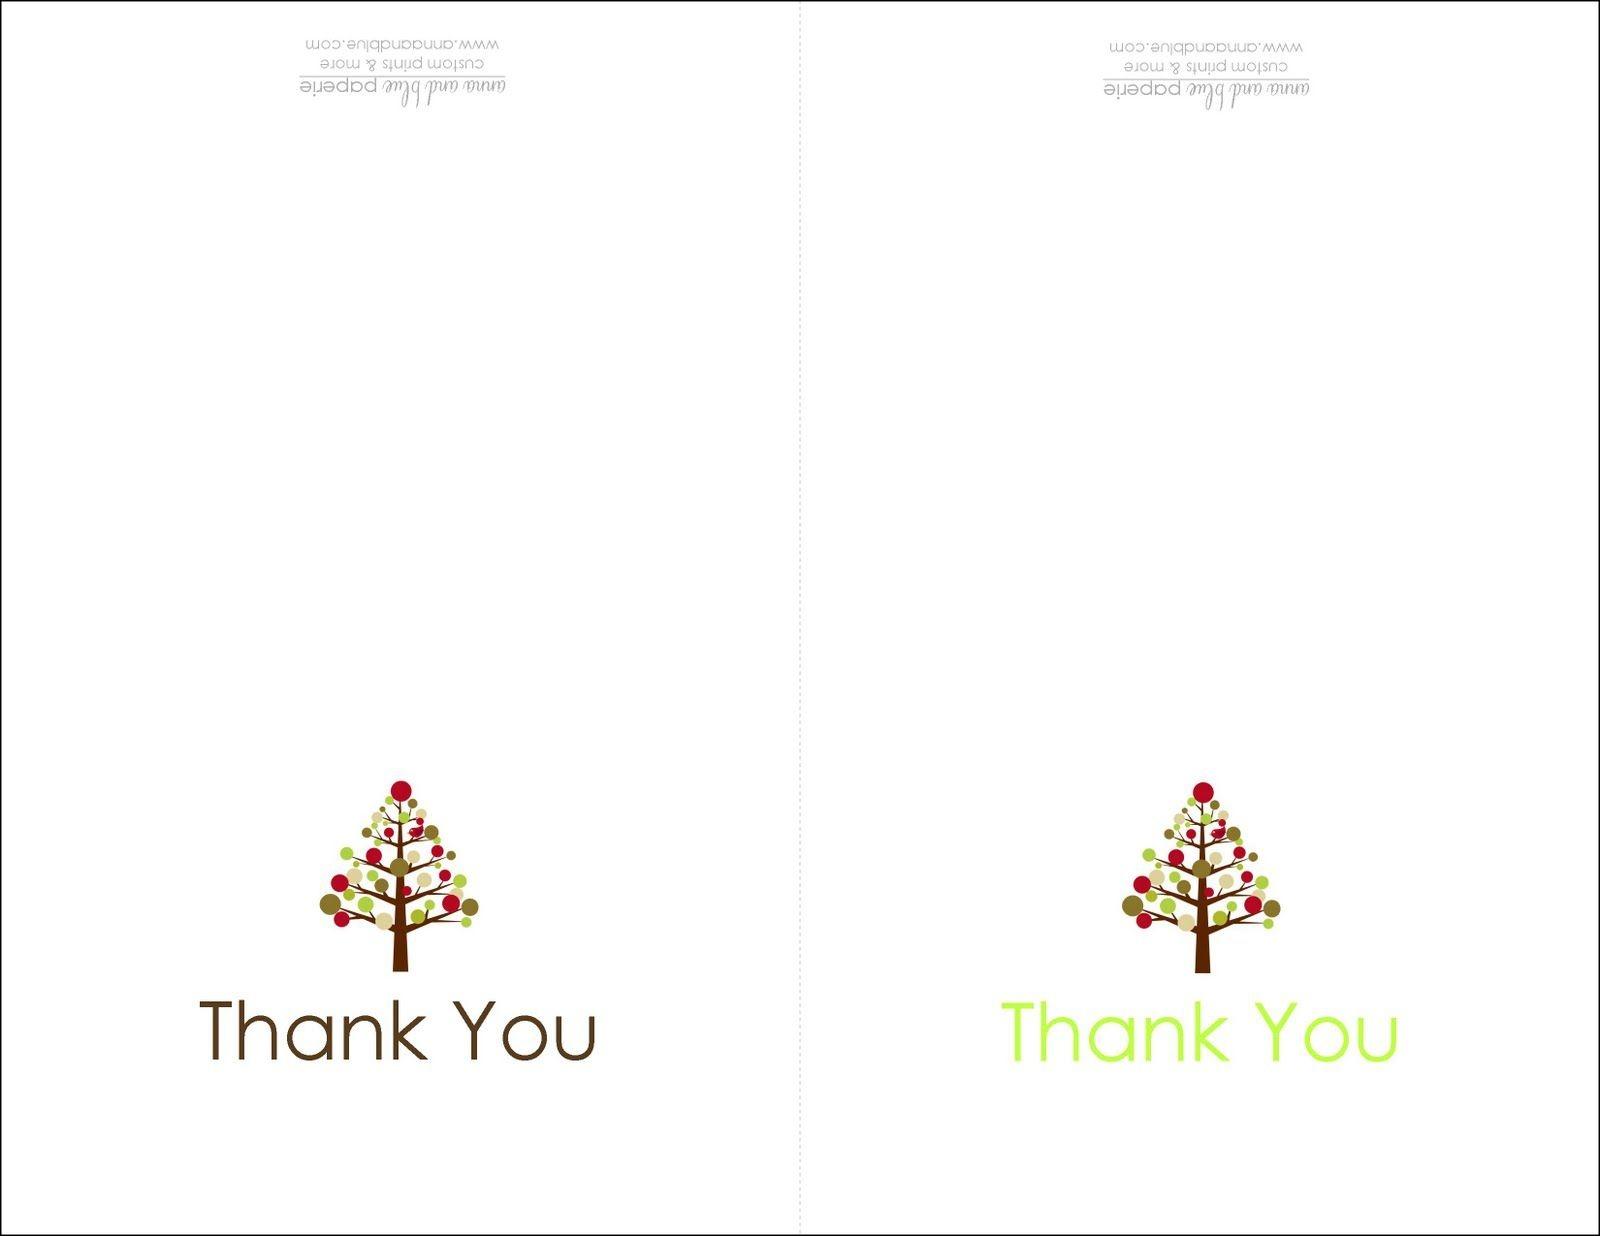 Thank You Cards Printable | Printable | Free Printable Christmas - Free Printable Christmas Card Templates